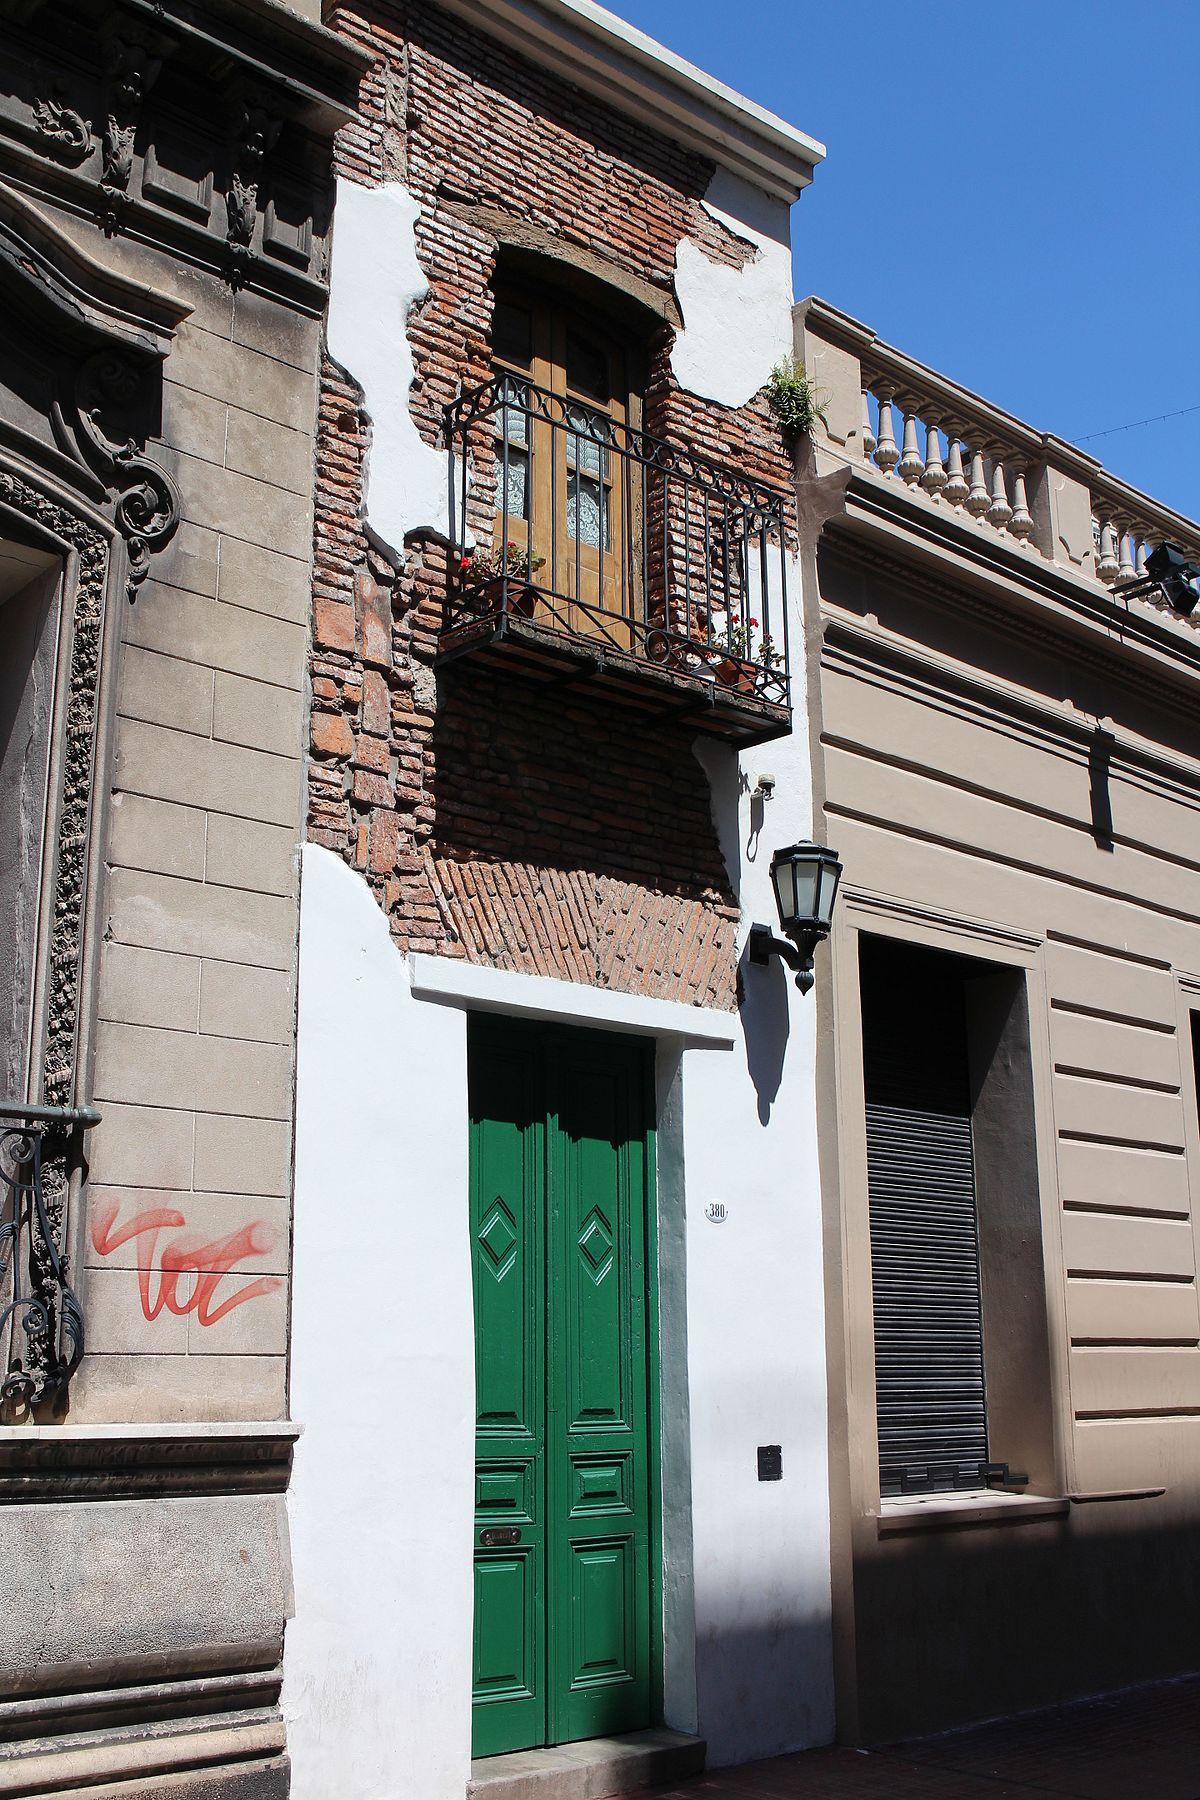 La casa m nima wikipedia la enciclopedia libre for Casa minima